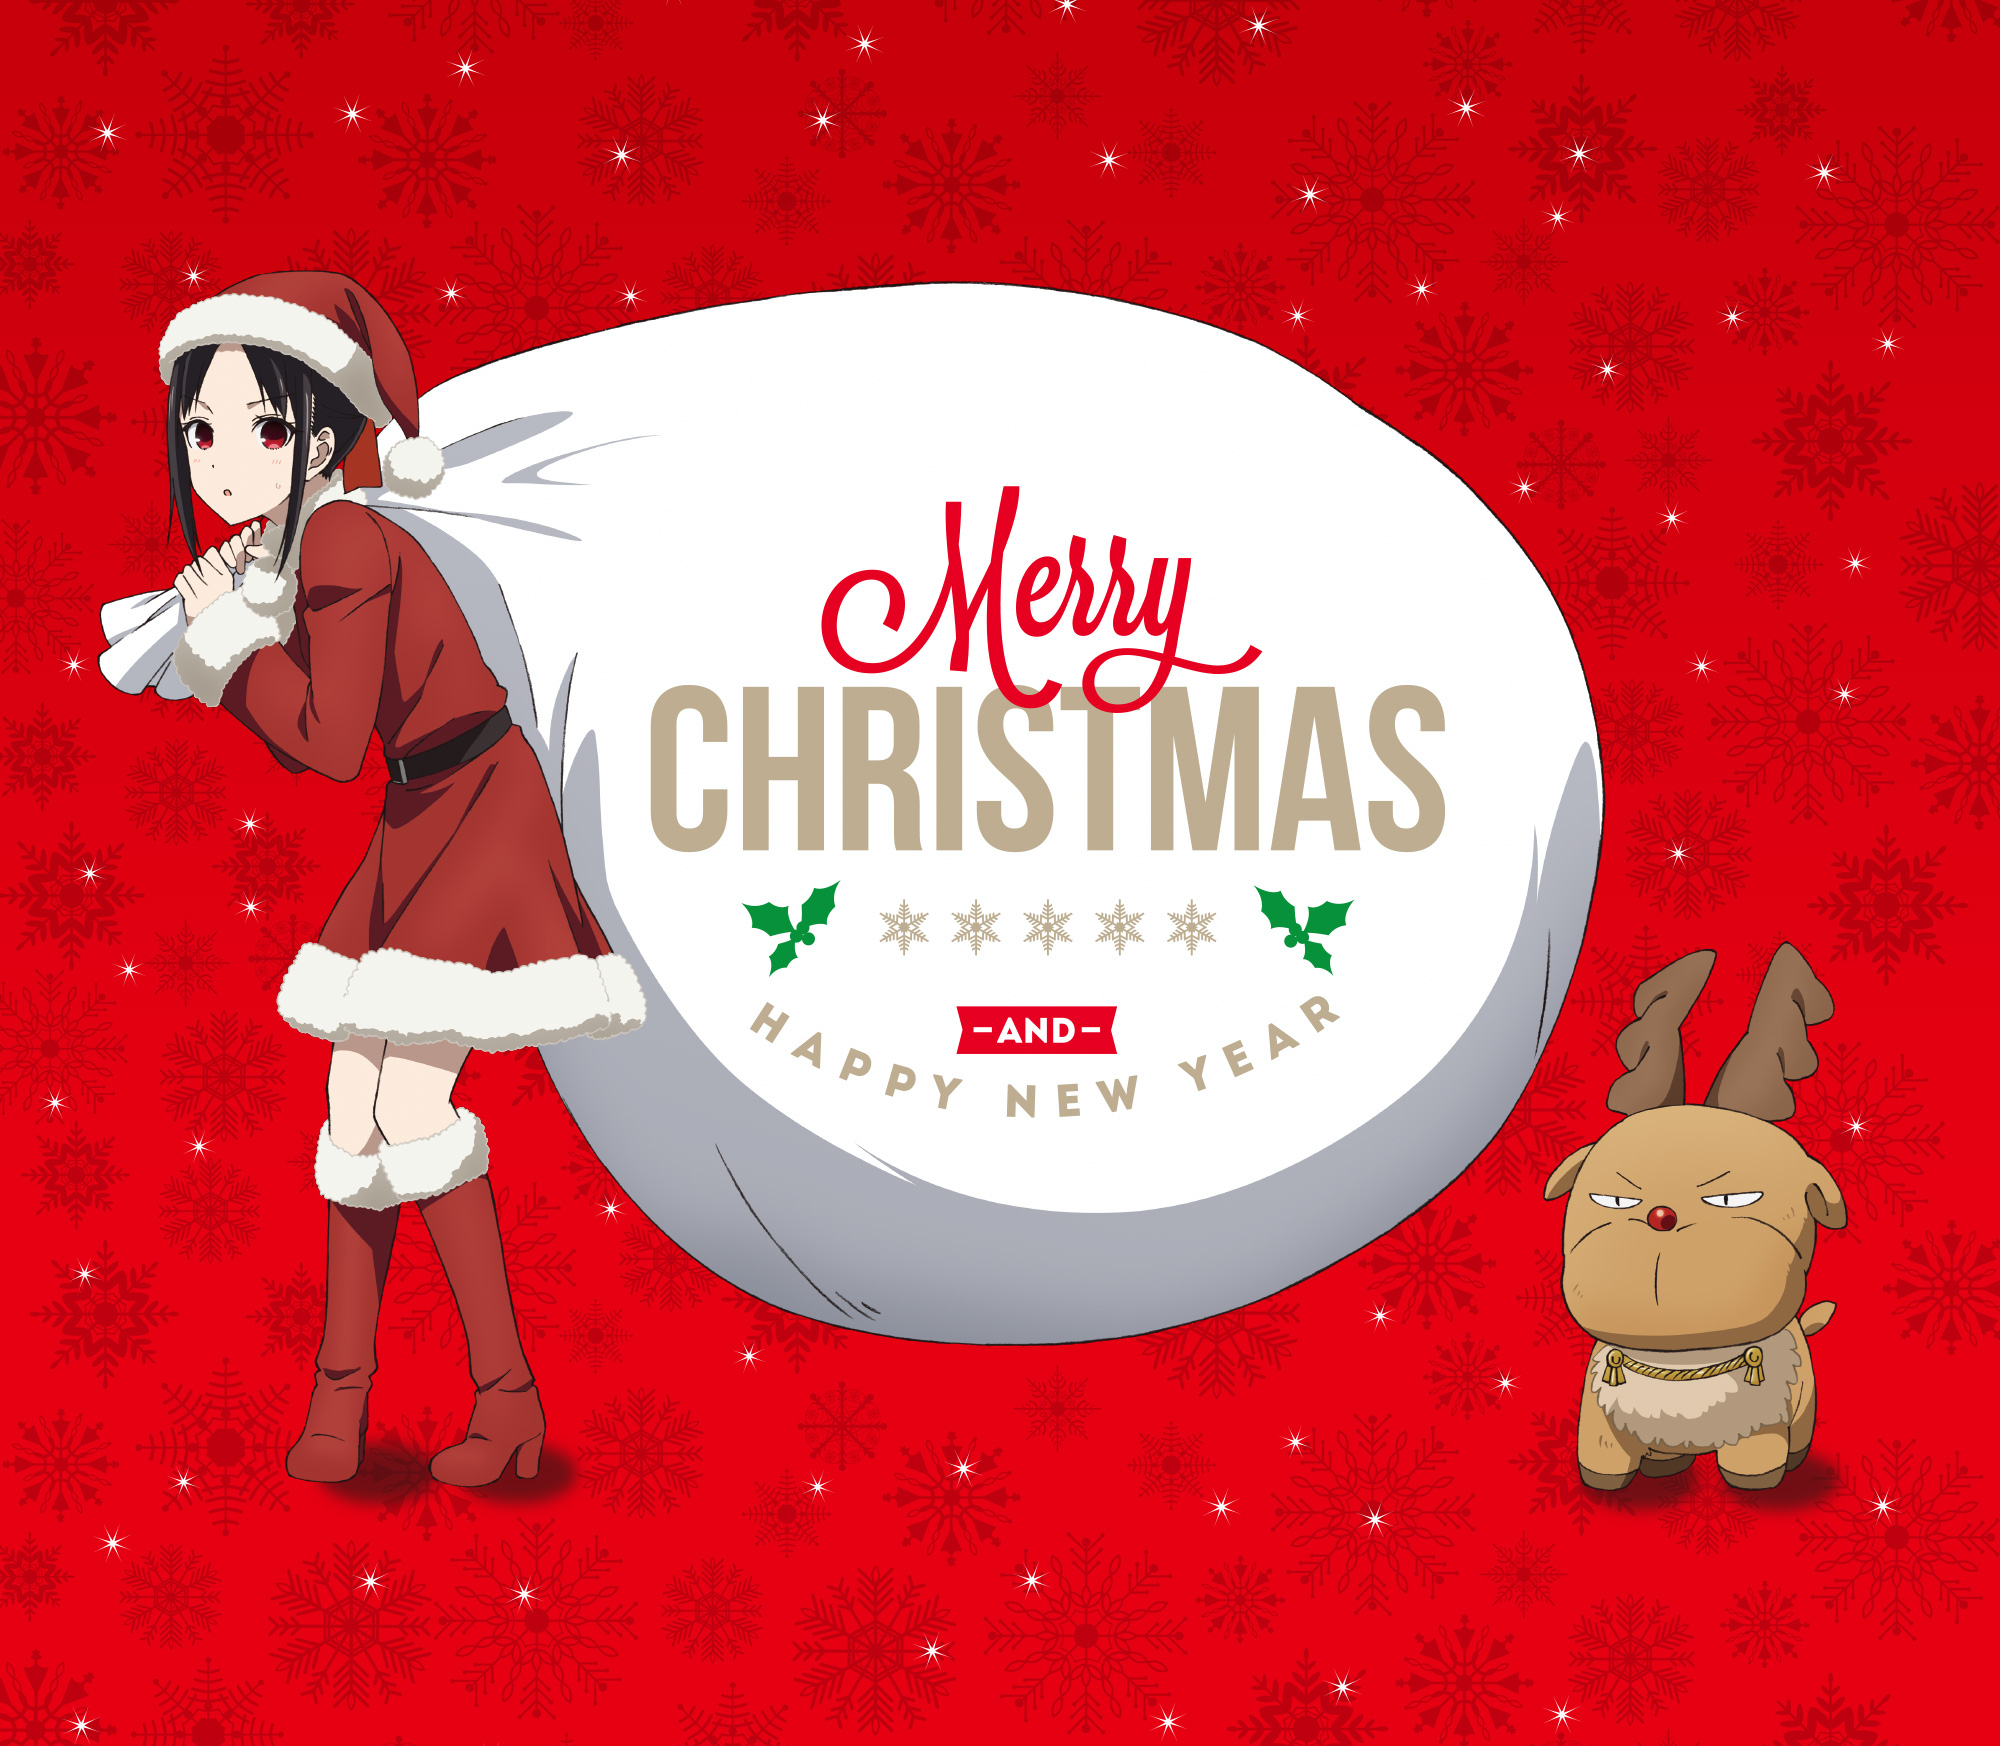 Anime Christmas Meme.Merry Christmas From Kaguya Anime Manga Know Your Meme